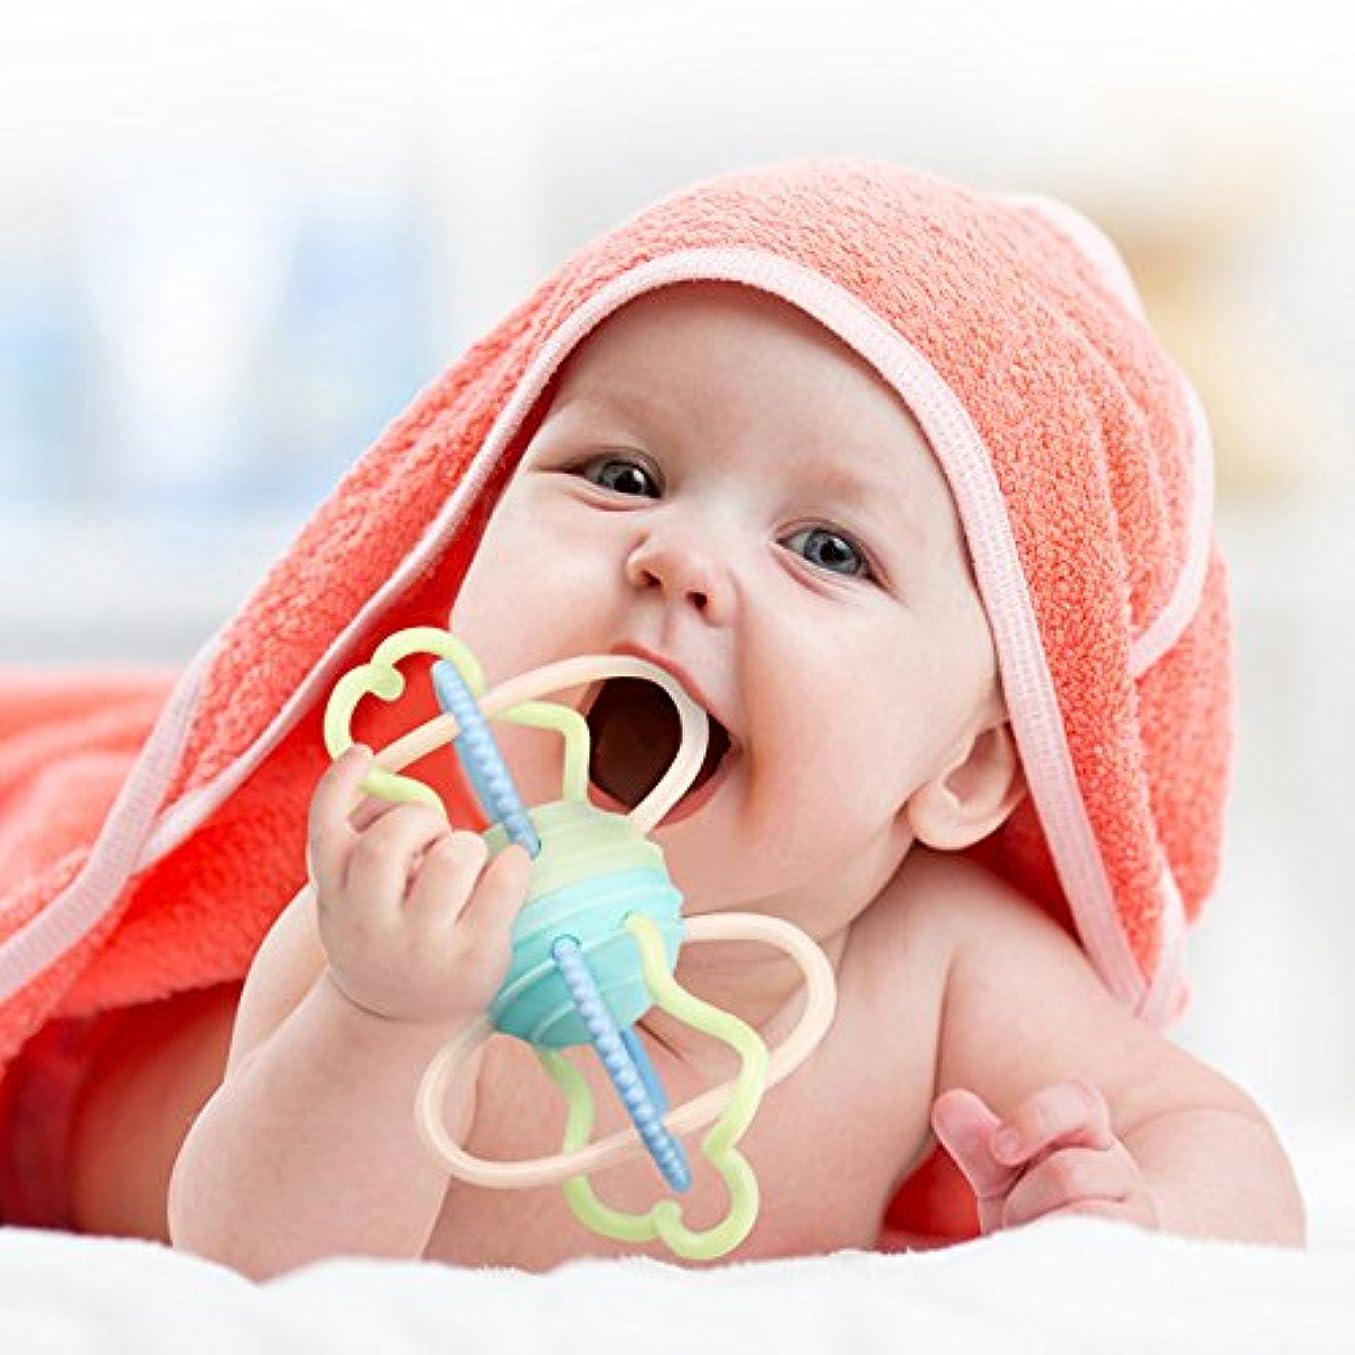 グリップアラスカマットUMESHI乳児幼児インテリジェンス開発ソフトTeetherベルRattlesベビートイボールテクスチャで持ち手触覚Senses